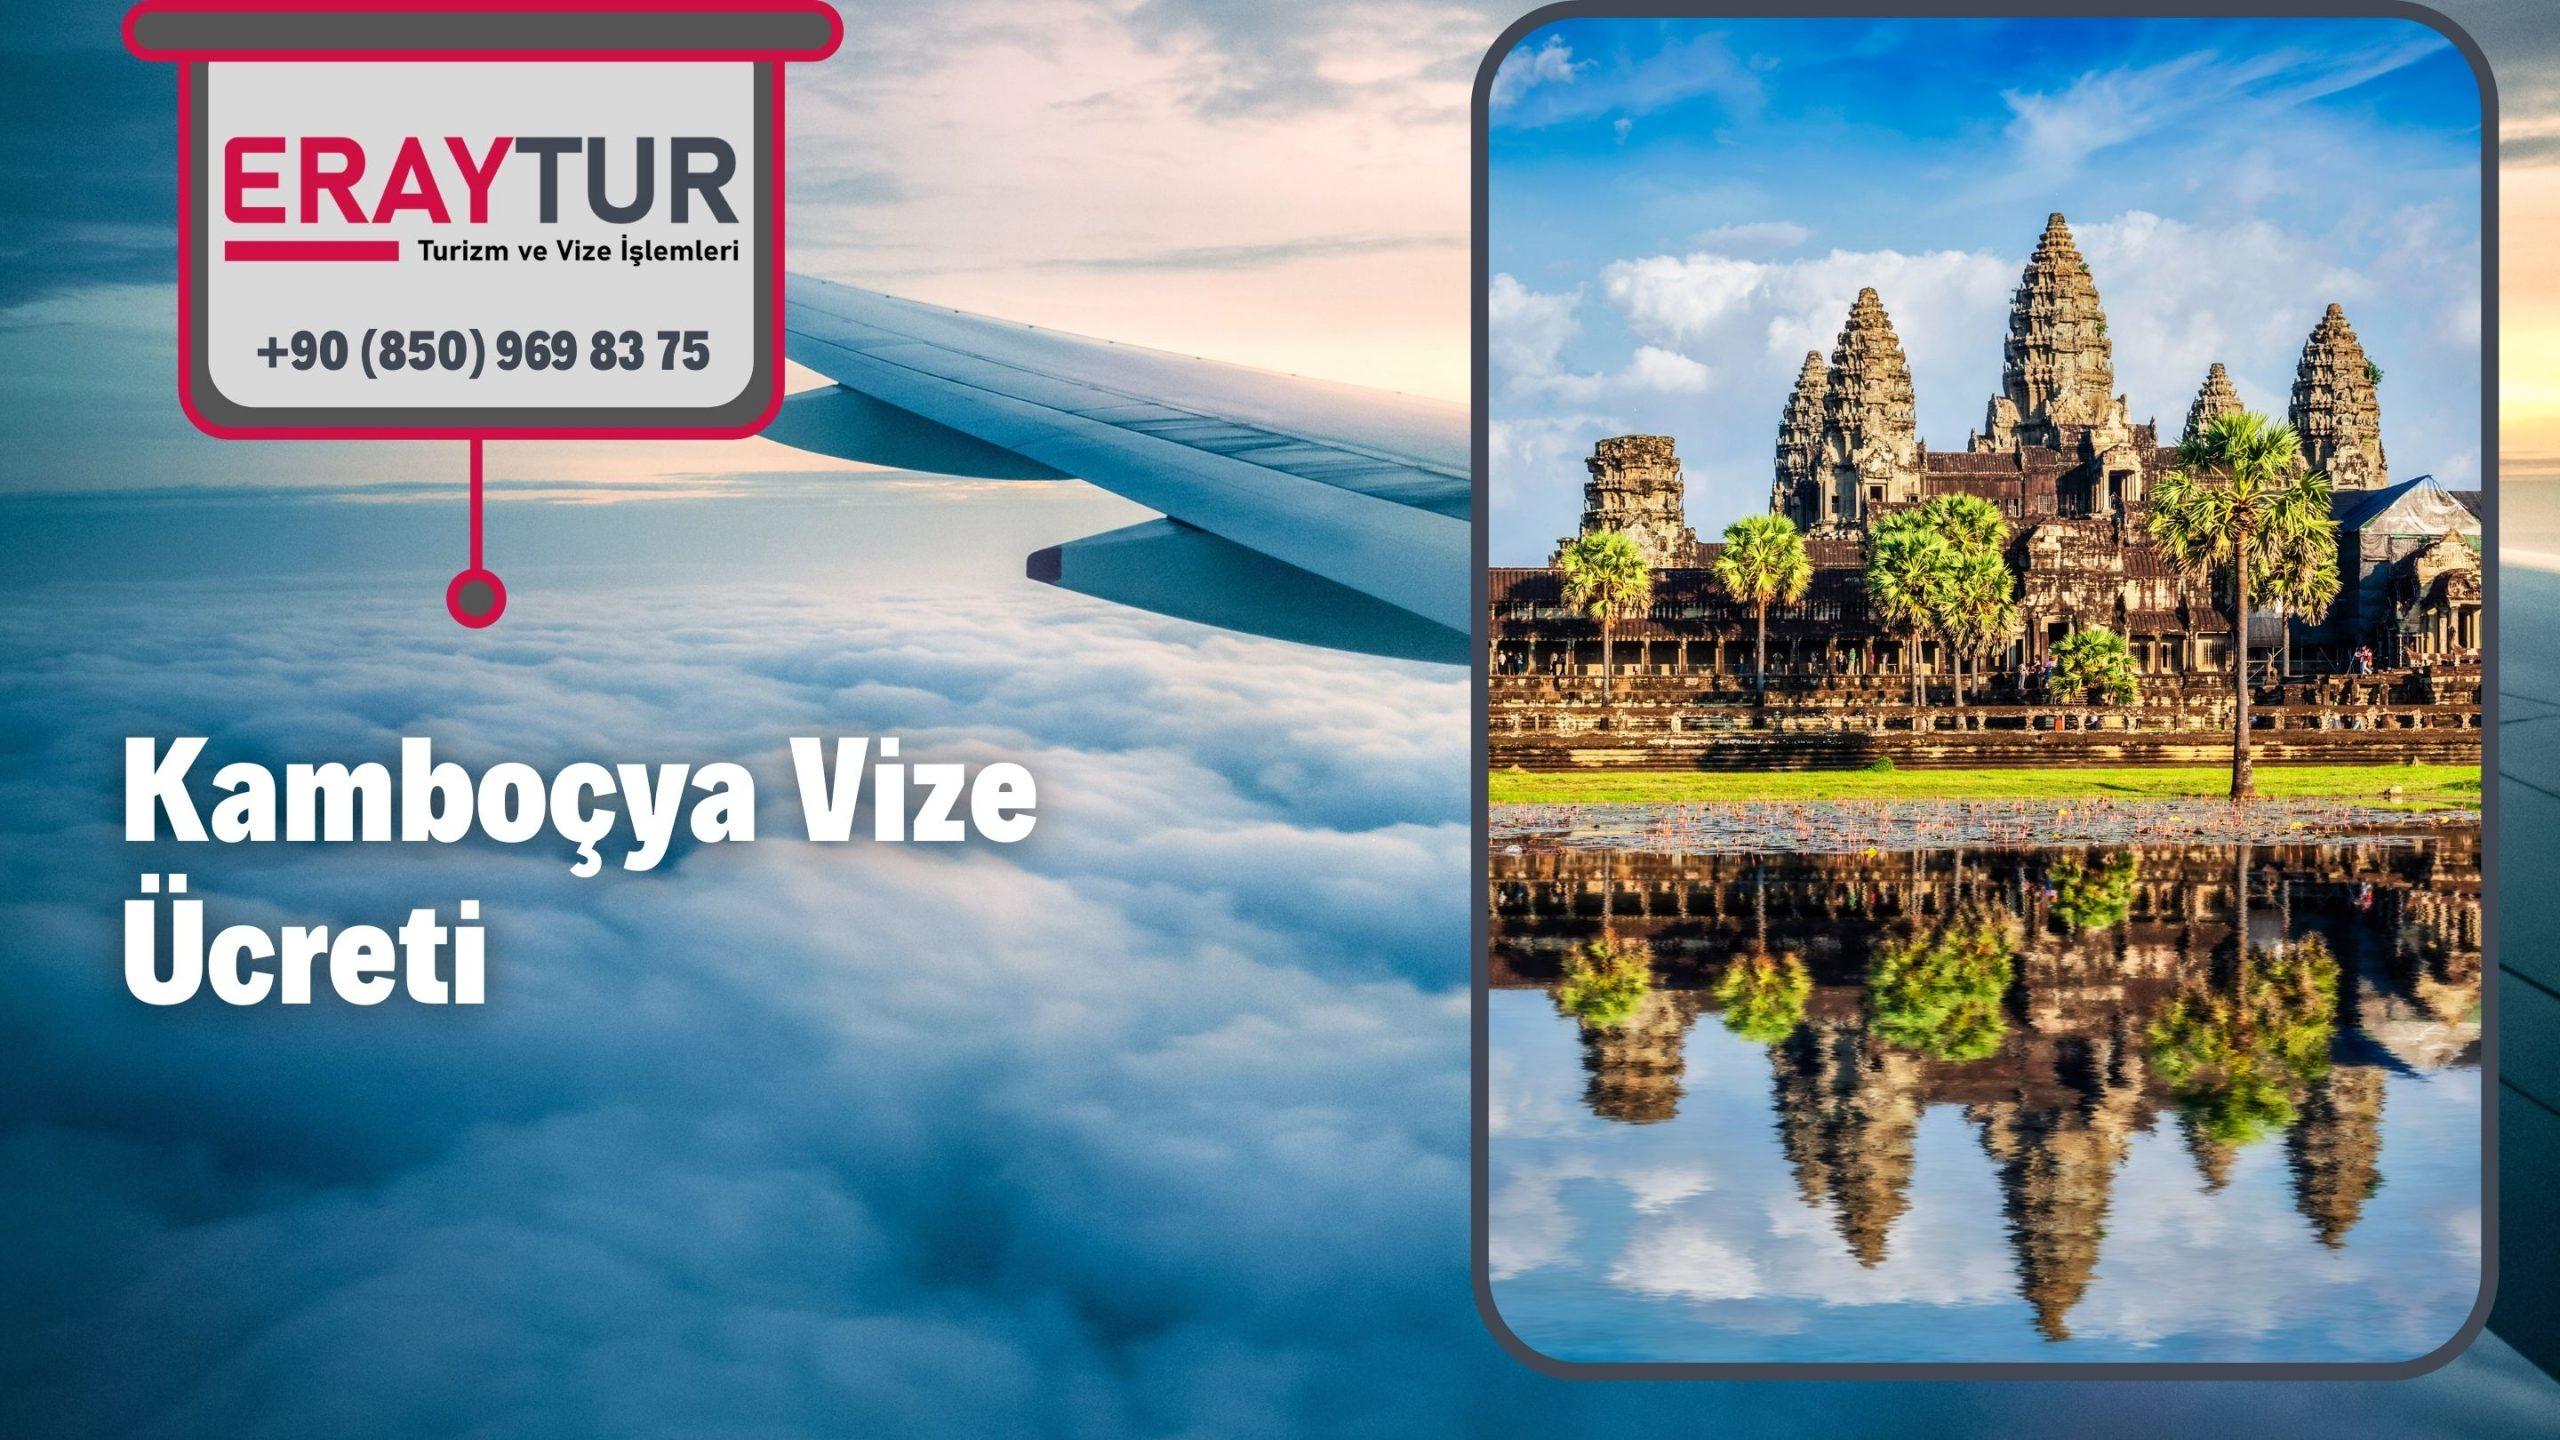 Kamboçya Vize Ücreti